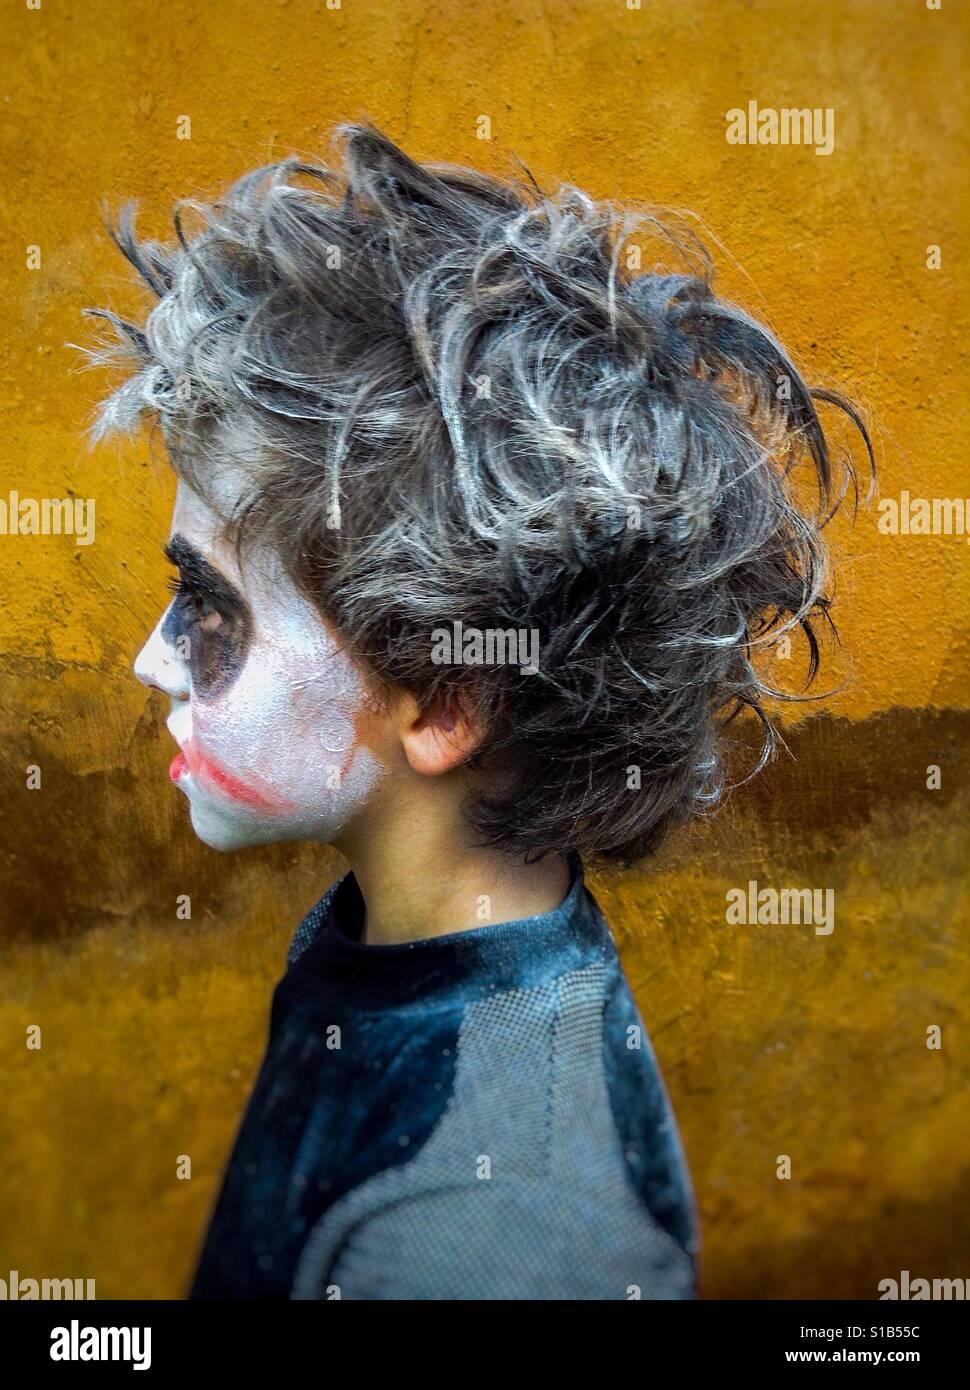 Zombie Kostüm Kind im Profil Stockfoto